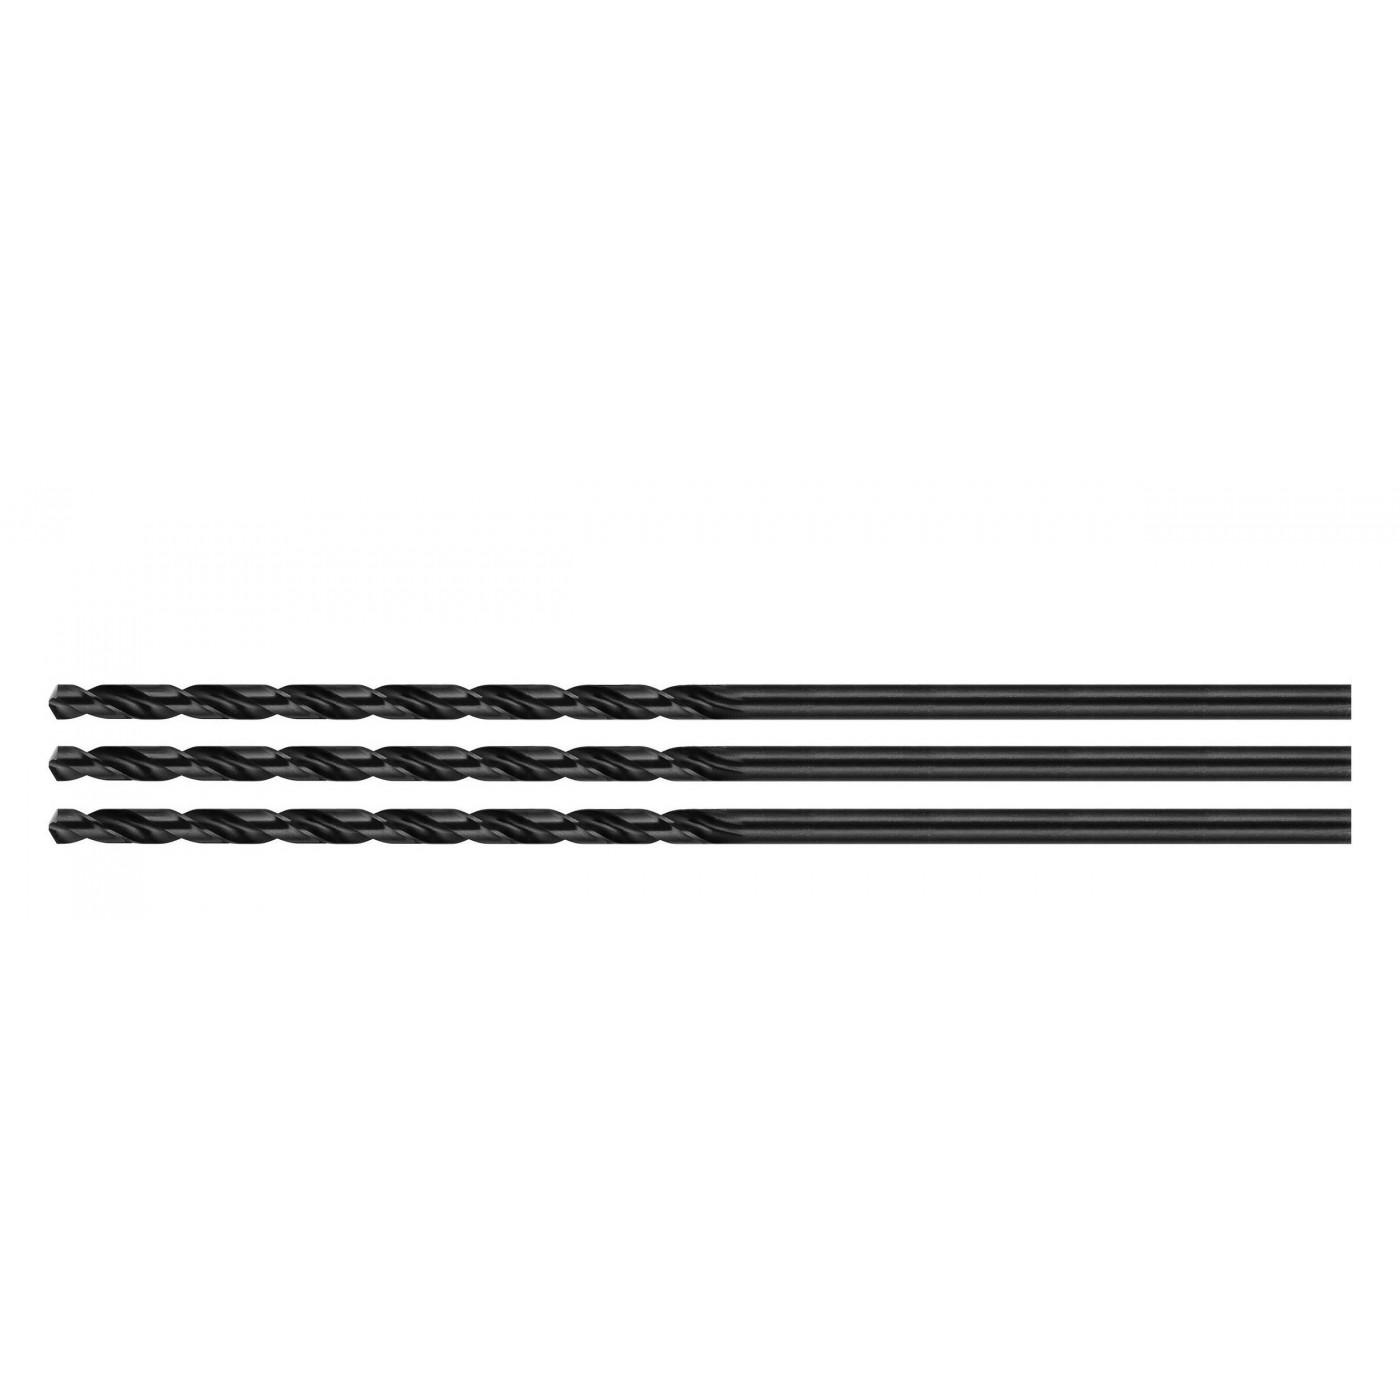 Conjunto de 3 brocas de metal, extra-longas (6,0x300 mm)  - 1